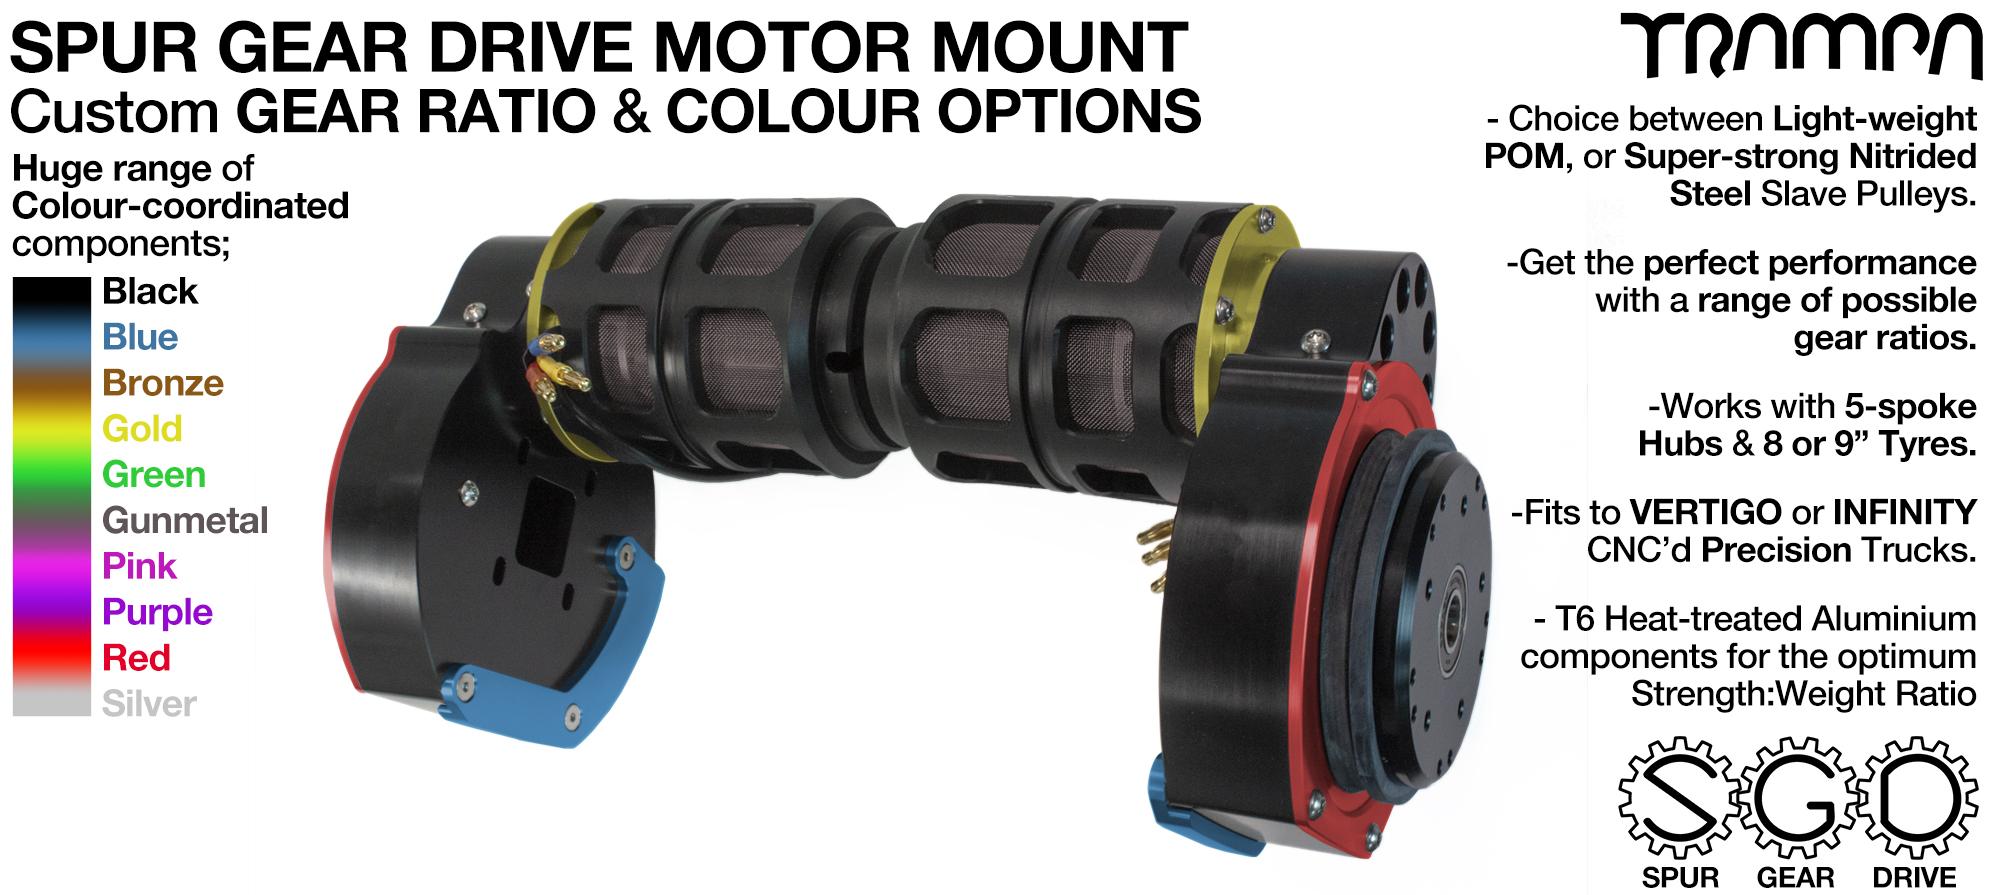 Mountainboard EXTERNAL Spur Gear Drive TWIN Motor Mounts with Motors